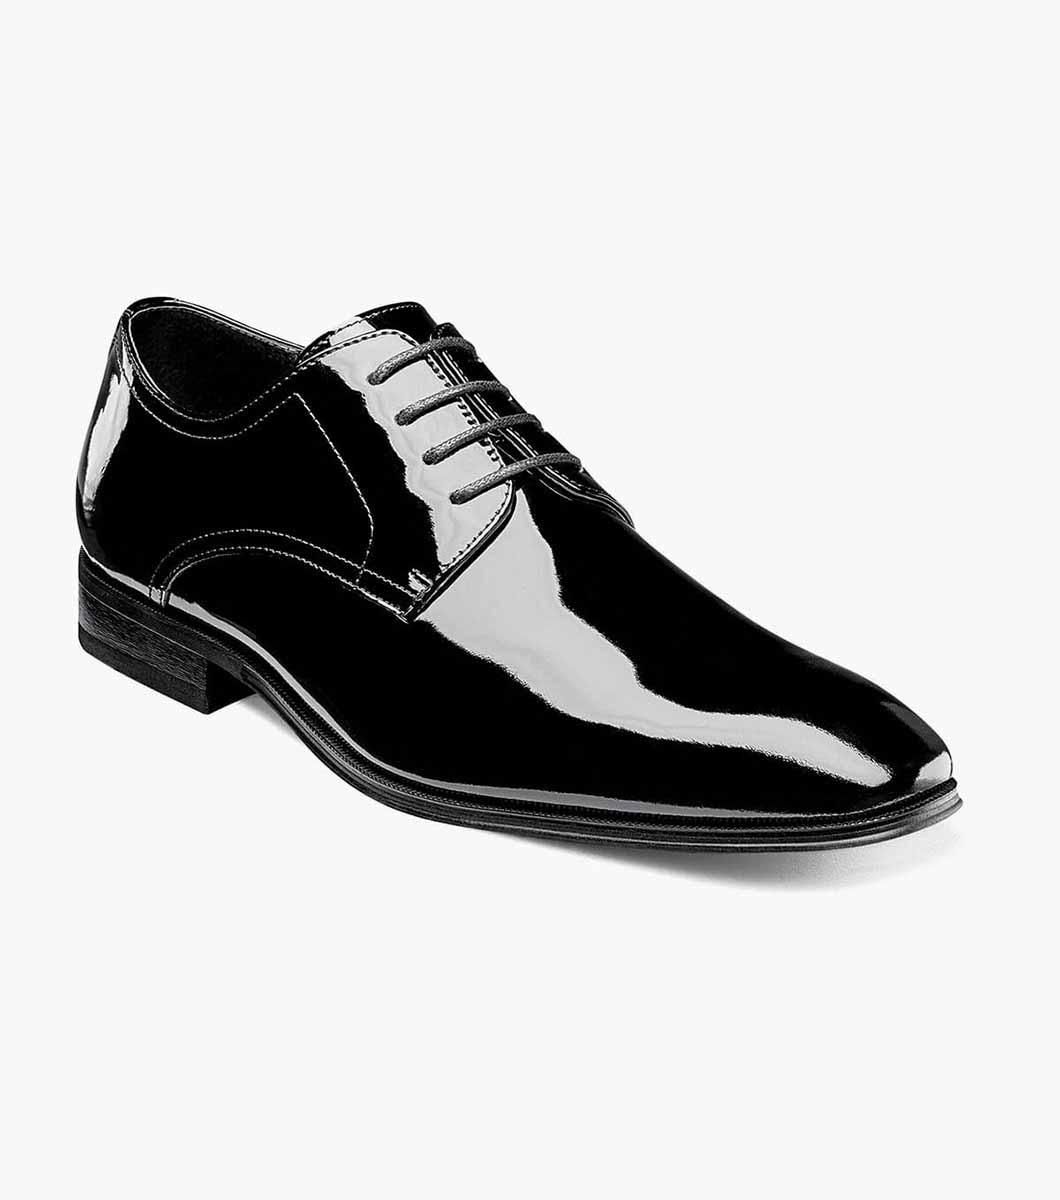 Black Patent Plain Toe Oxford